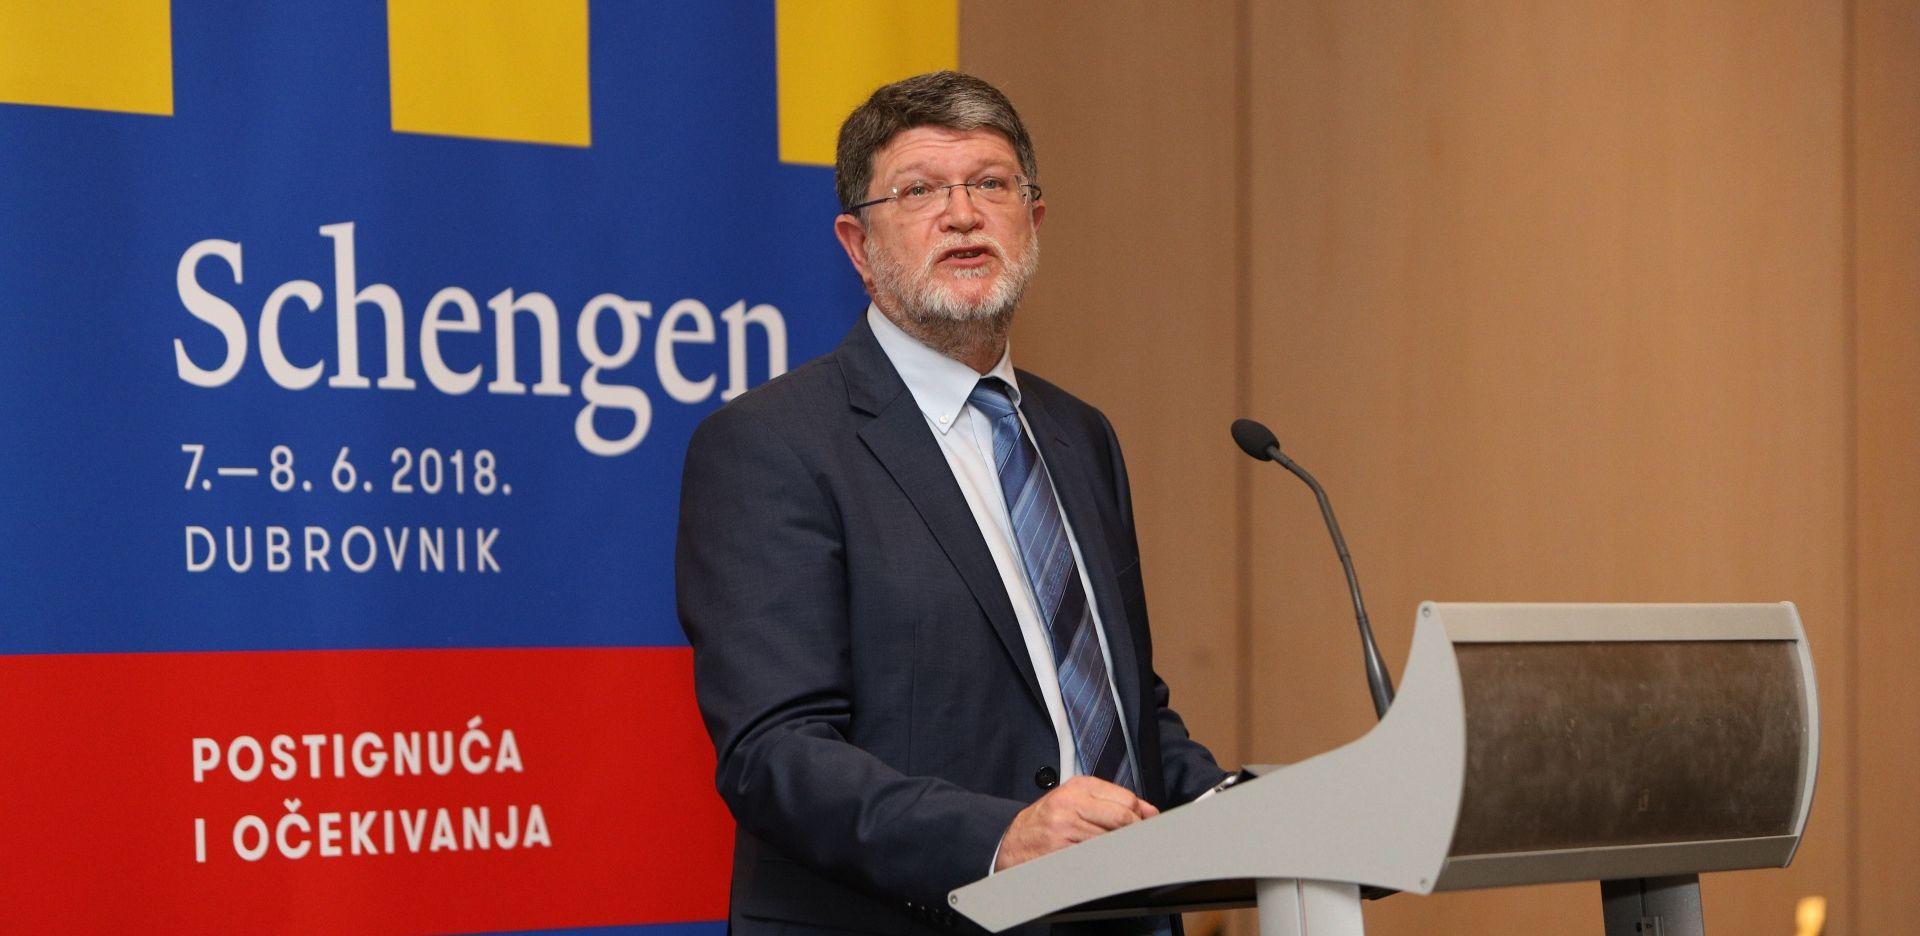 Rješenje za migrantsku krizu nisu stopiranje Schengena ni unutargranične kontrole